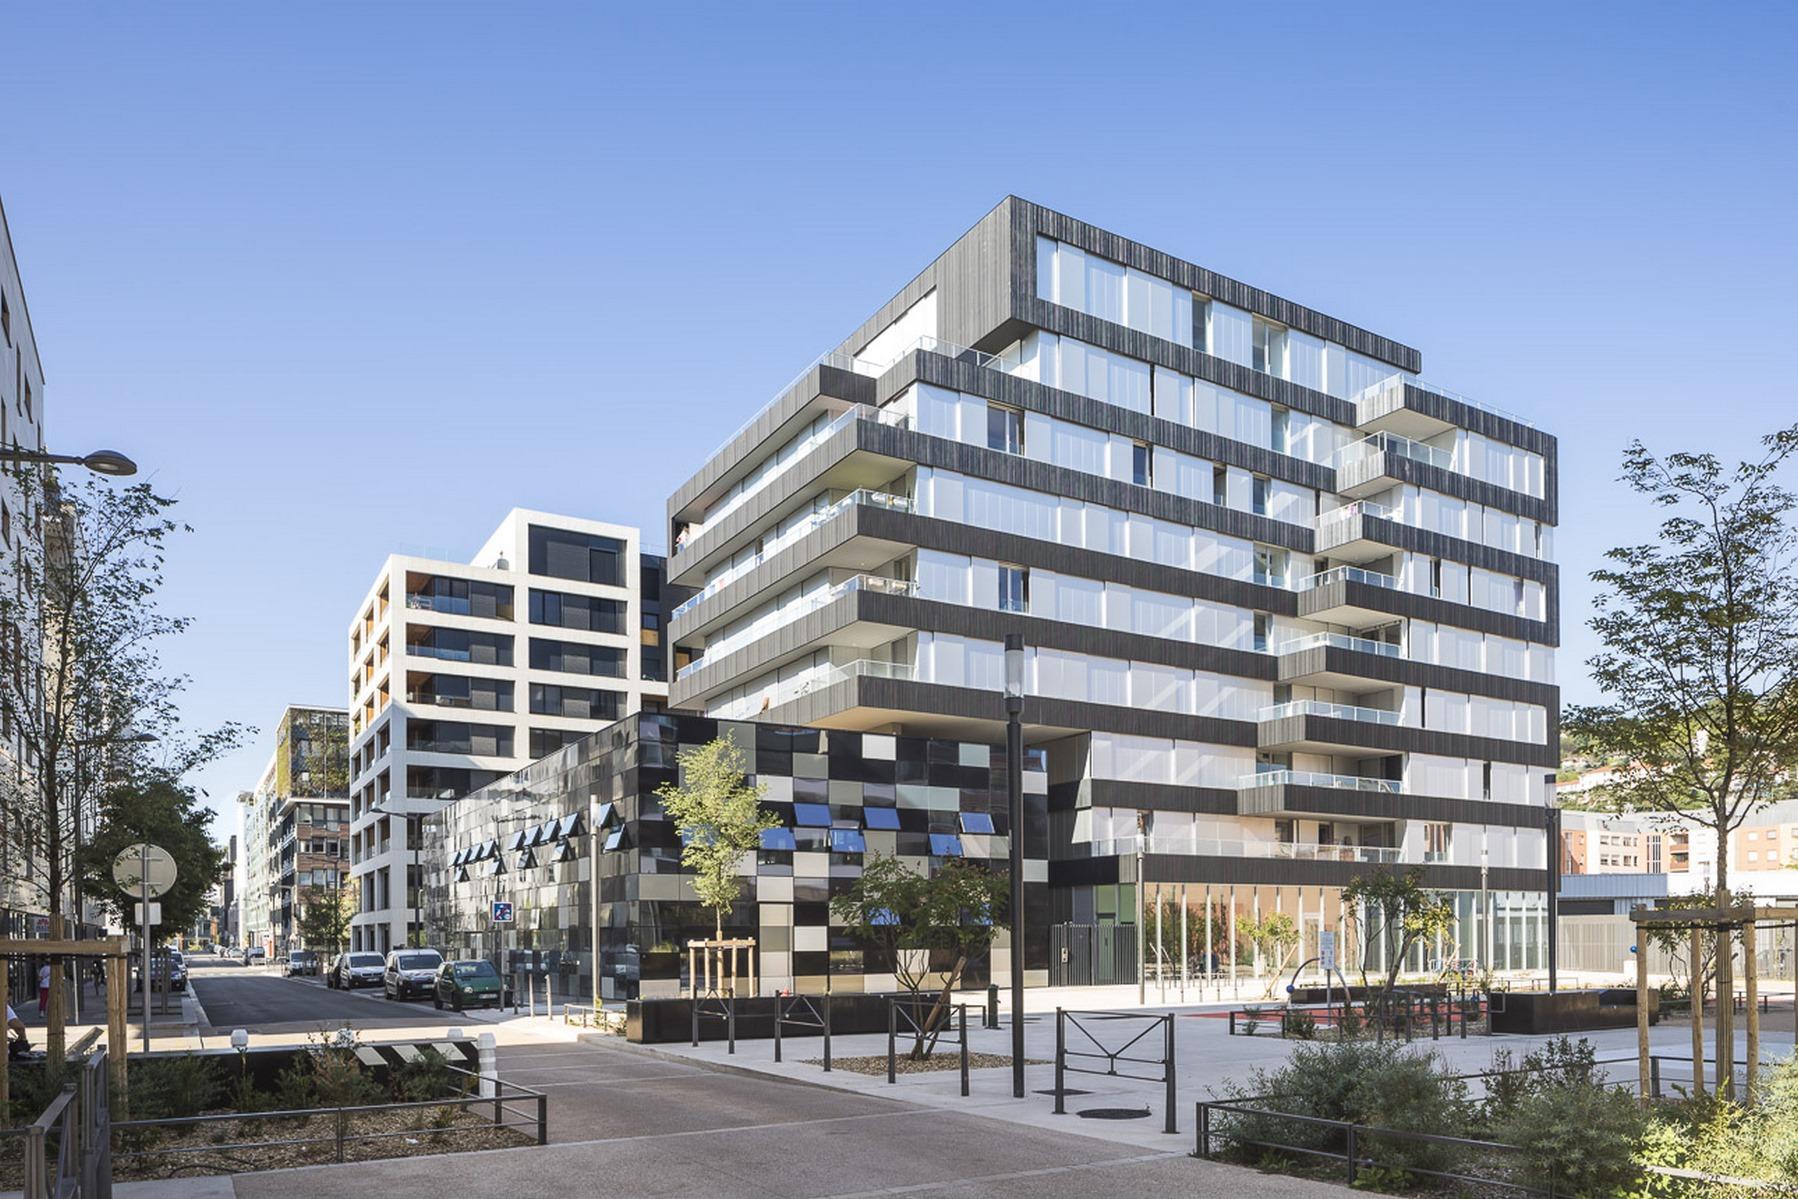 Ilot G / Les Loges de Saone - Lyon confluence : façade place - Z Architecture